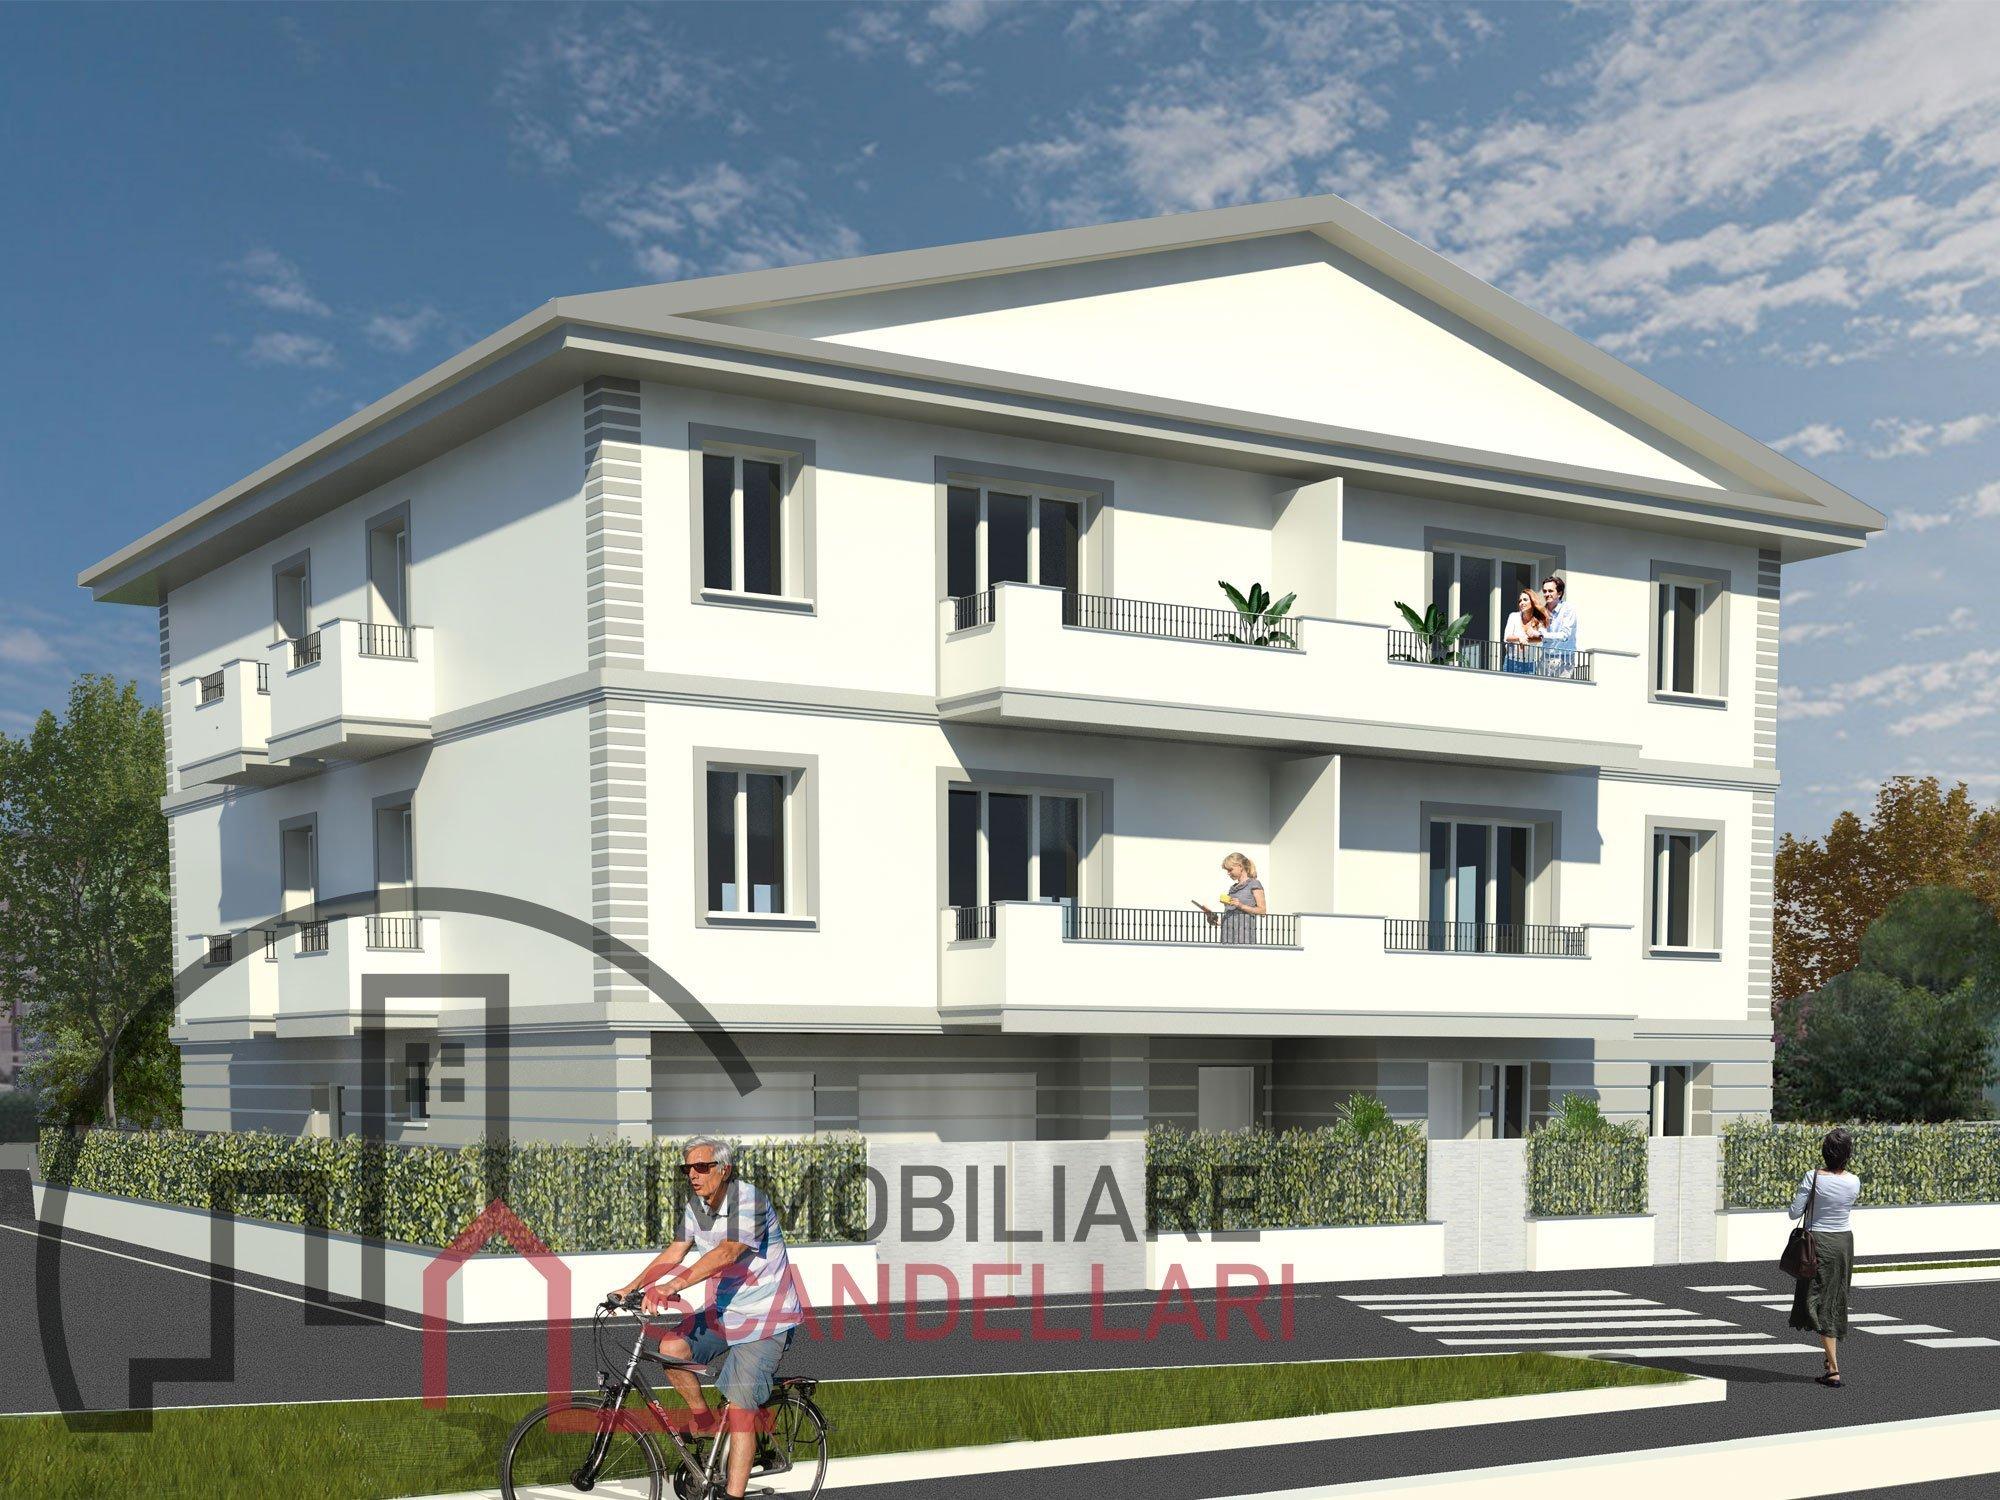 Rimini - San Giuliano - Via Borgatti - Nuovi appartamenti - Immobiliare Scandellari